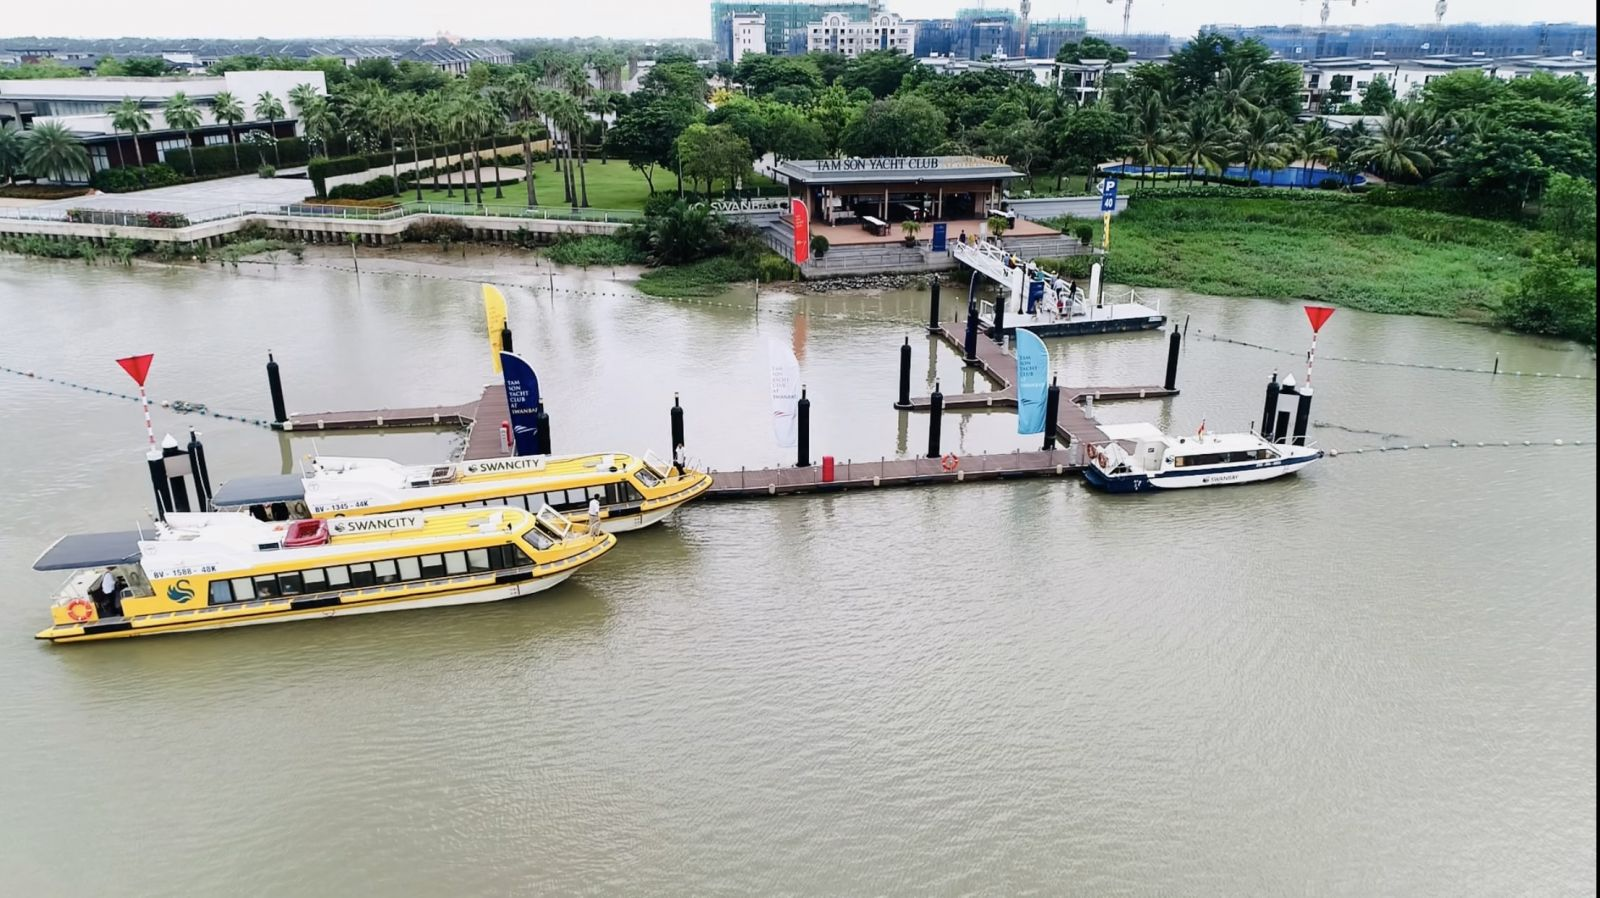 Bến du thuyền swan bay đảo đại phước